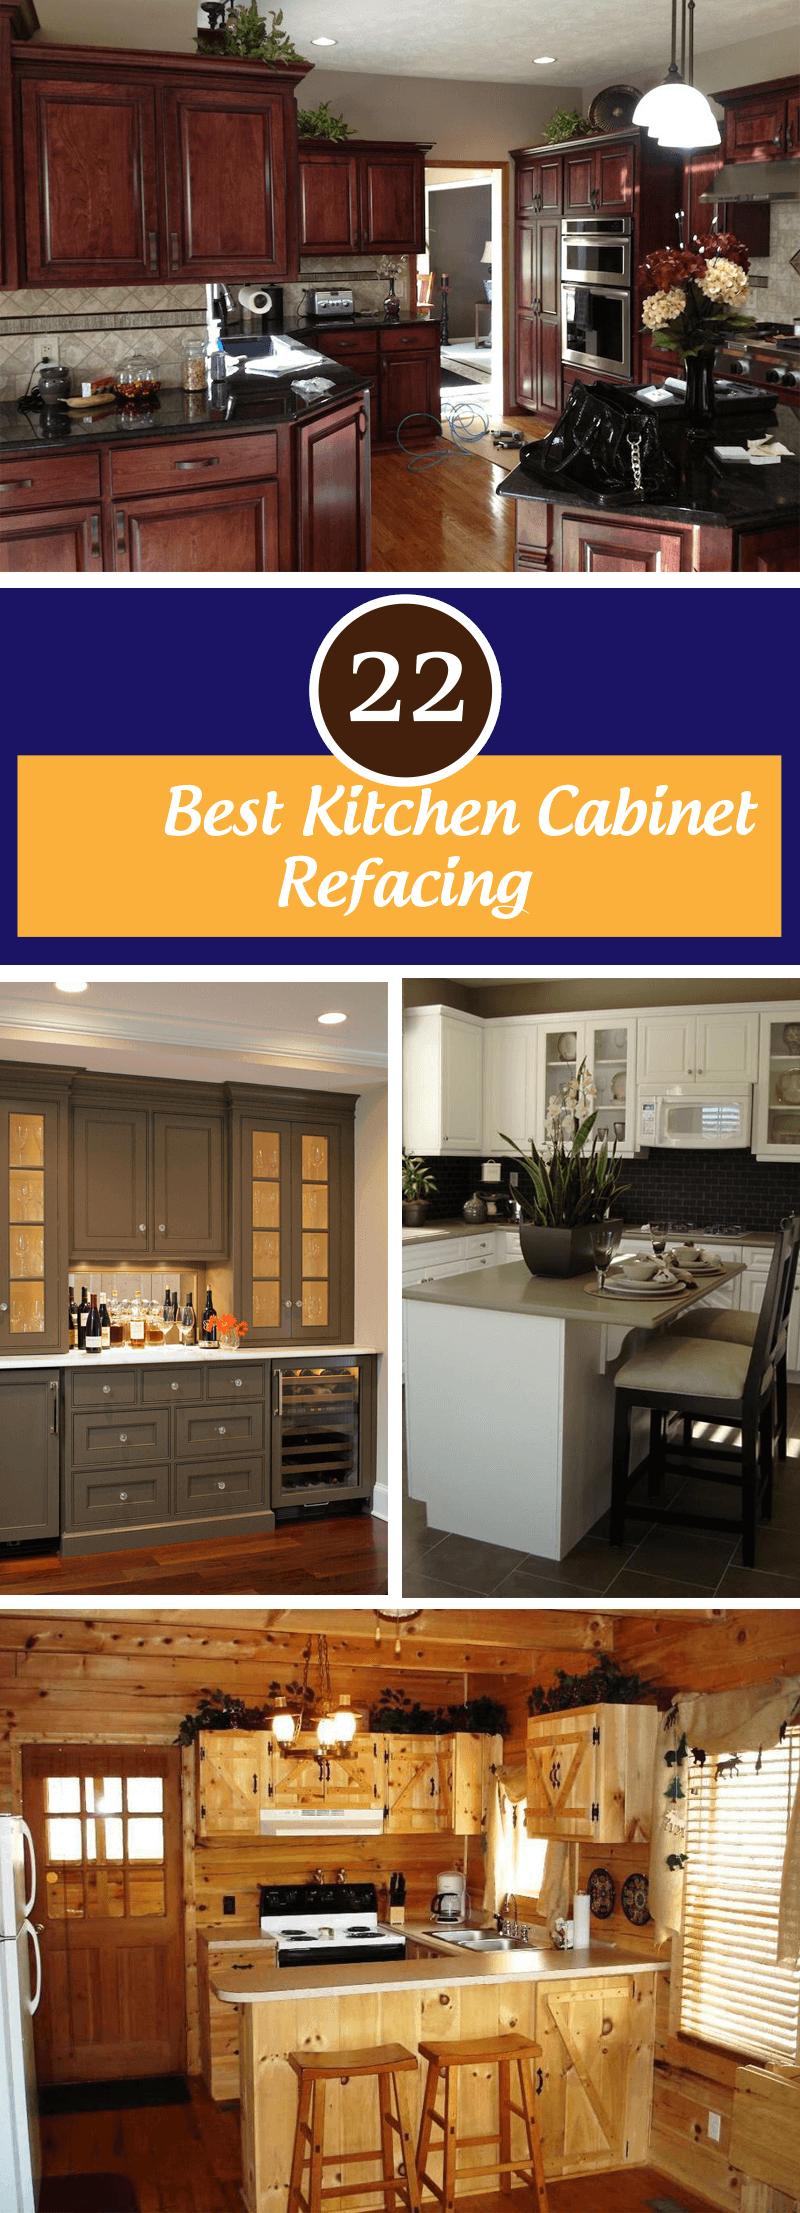 Best Kitchen Cabinet Refacing